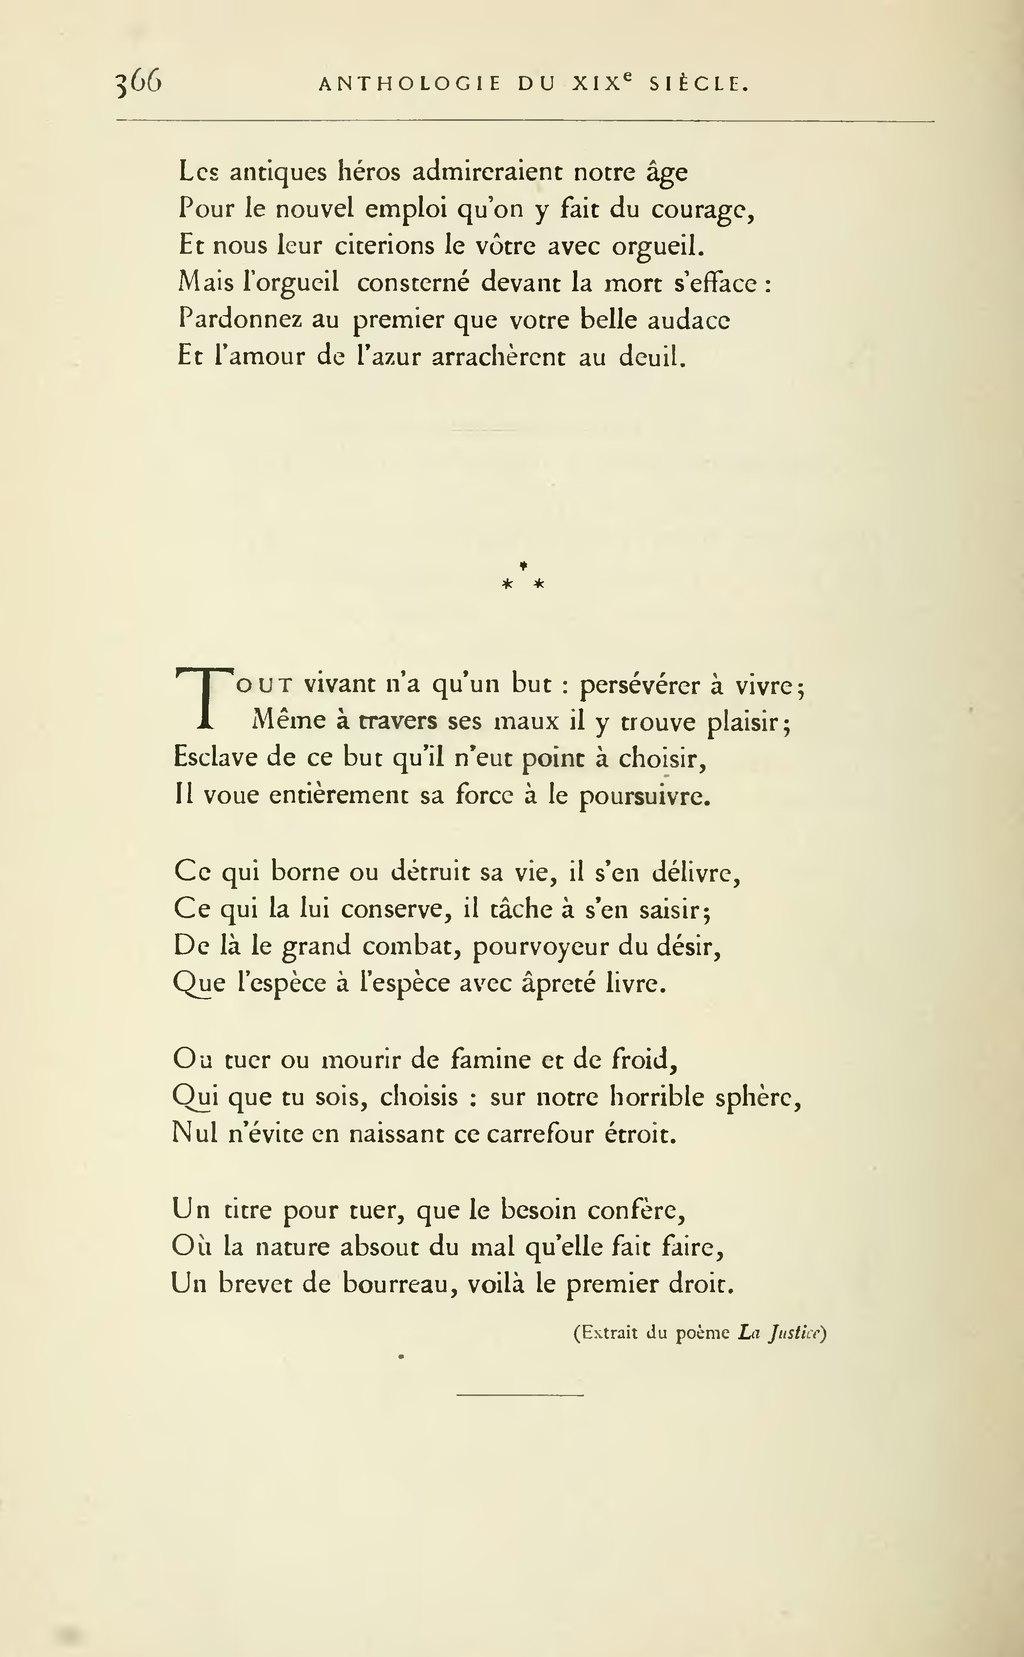 Poème D'amour Du 19ème Siècle : poème, d'amour, 19ème, siècle, Page:Lemerre, Anthologie, Poètes, Français, XIXème, Siècle,, 1887.djvu/388, Wikisource